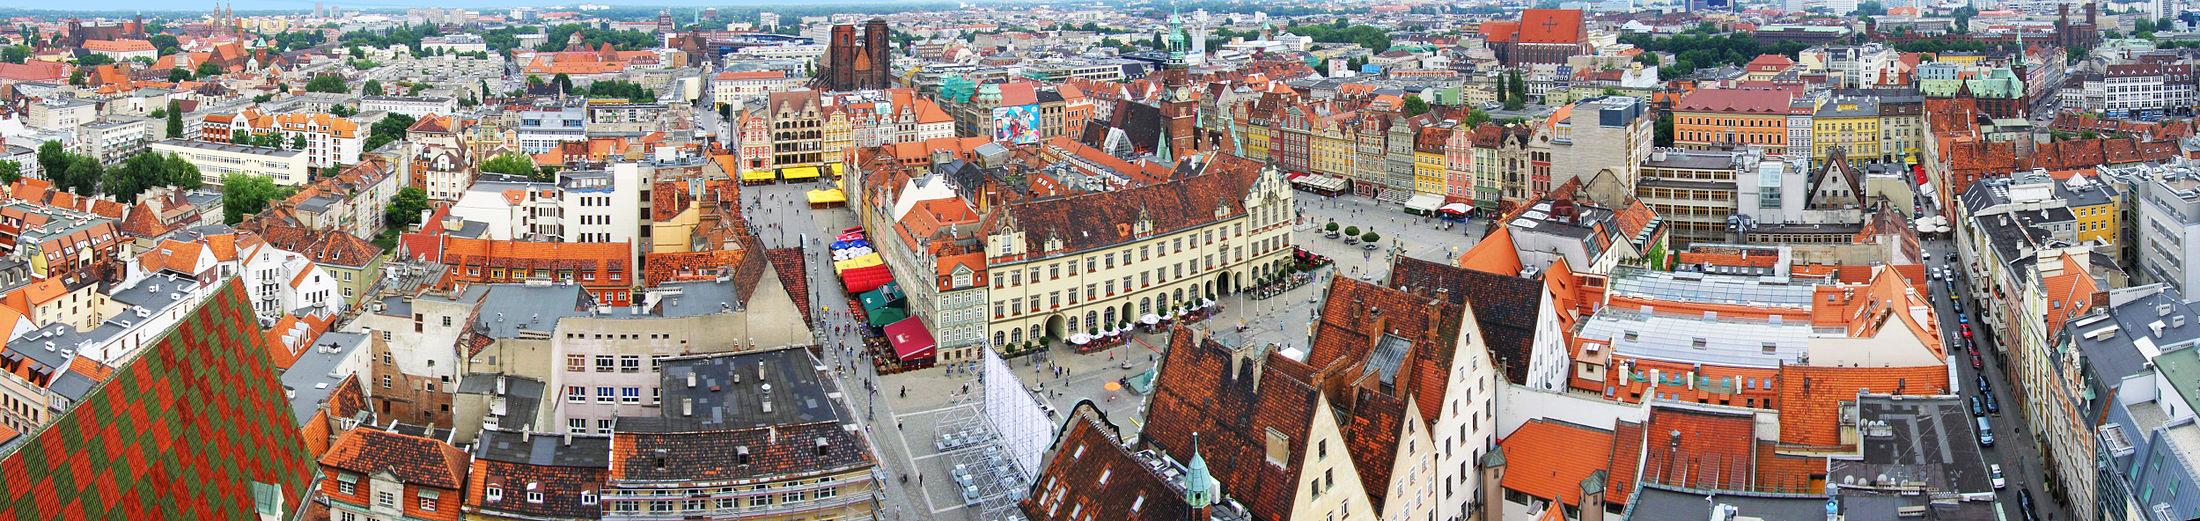 Voivodato Della Slesia Polonia breslavia - wikiwand